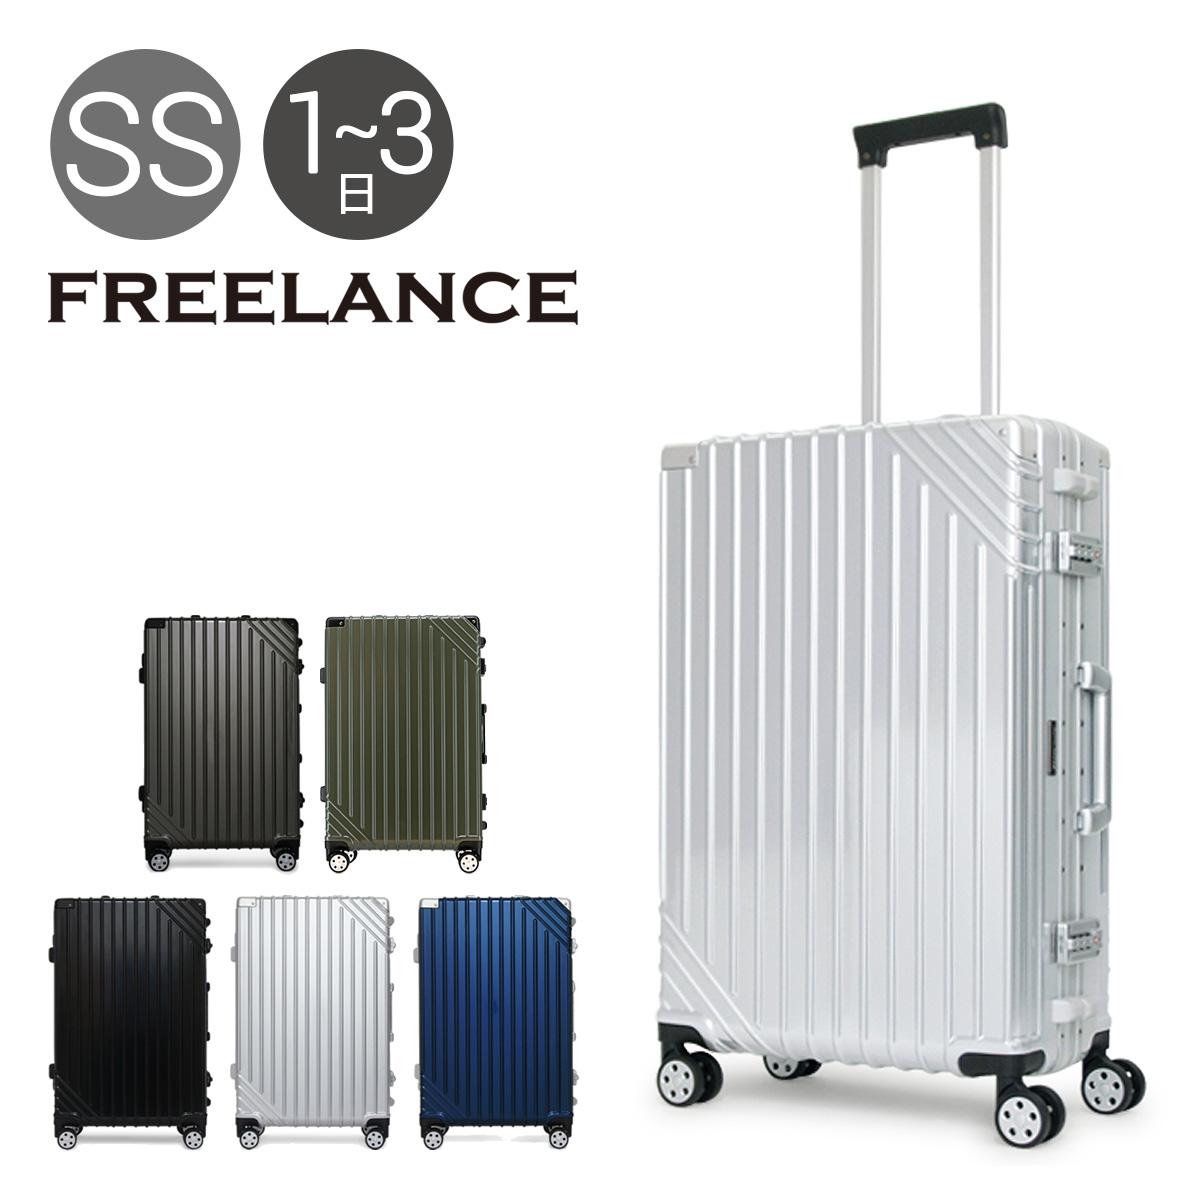 フリーランス スーツケース FL-002 60cm 【 FREELANCE 当社限定モデル 】【 キャリーケース ビジネスキャリー TSAロック 軽量 】【bef】【即日発送】